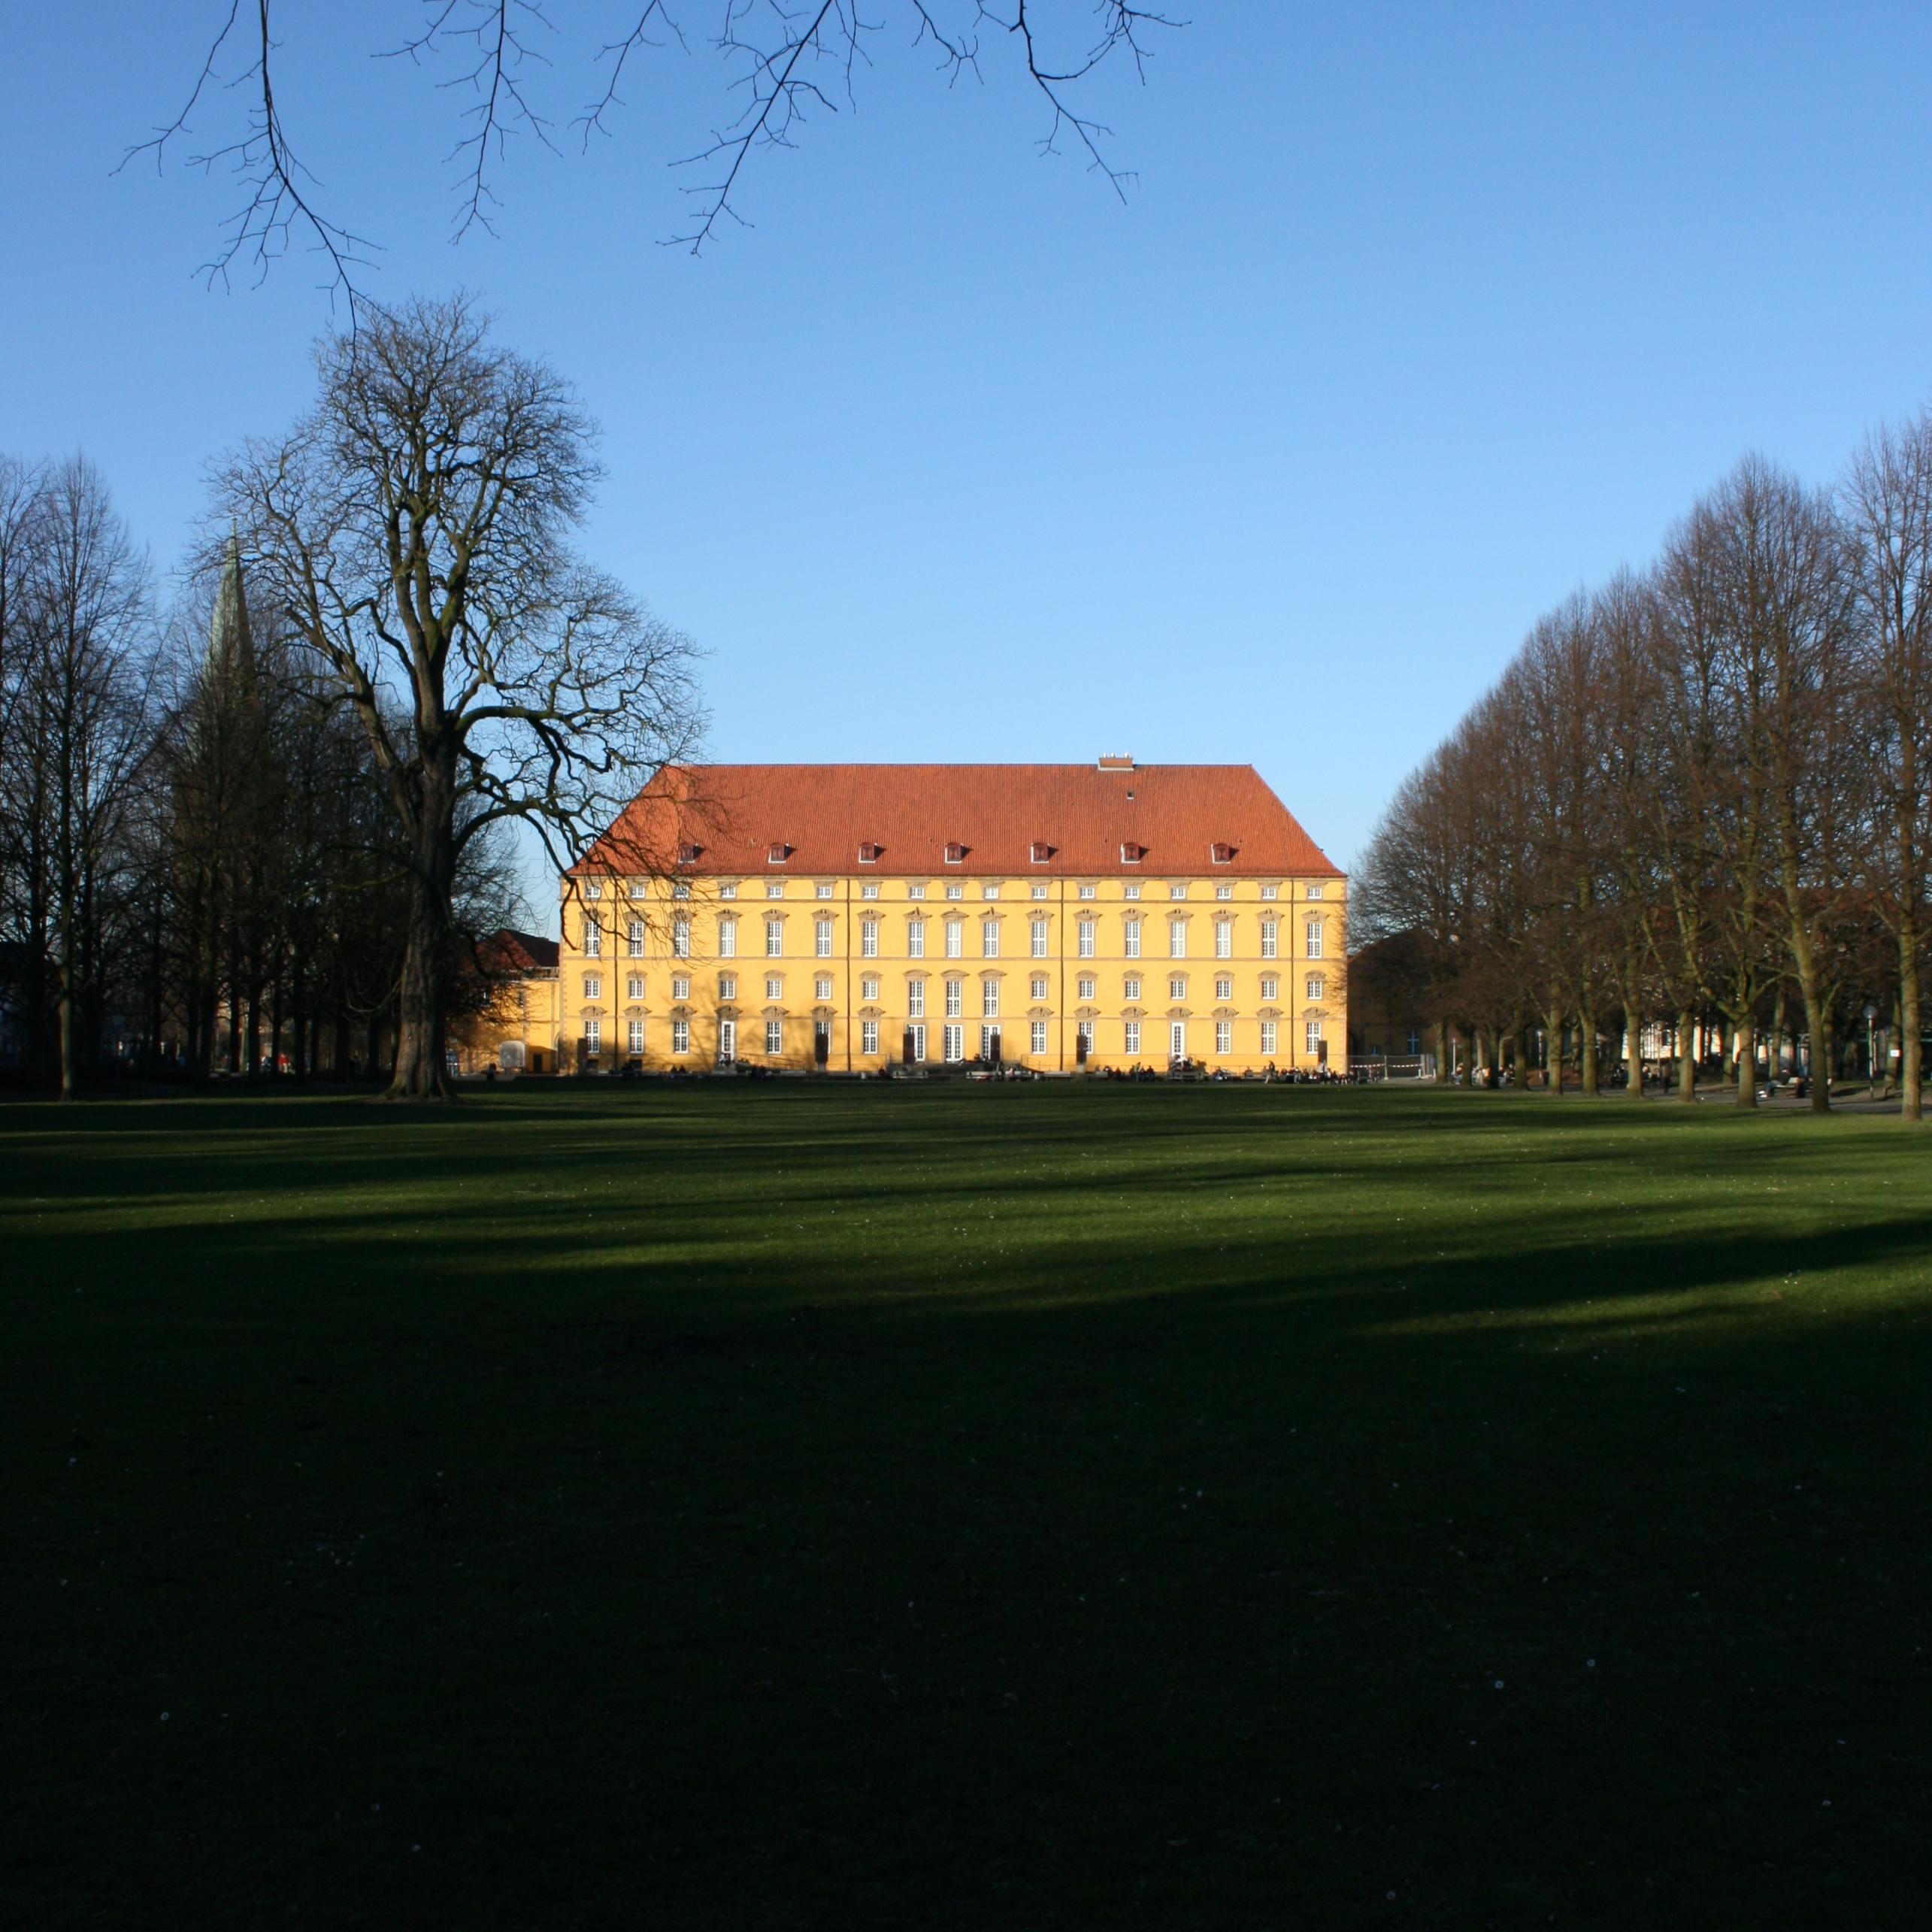 Schloss_Osnabrueck Faszinierend Leiste Für Led Stripes Dekorationen